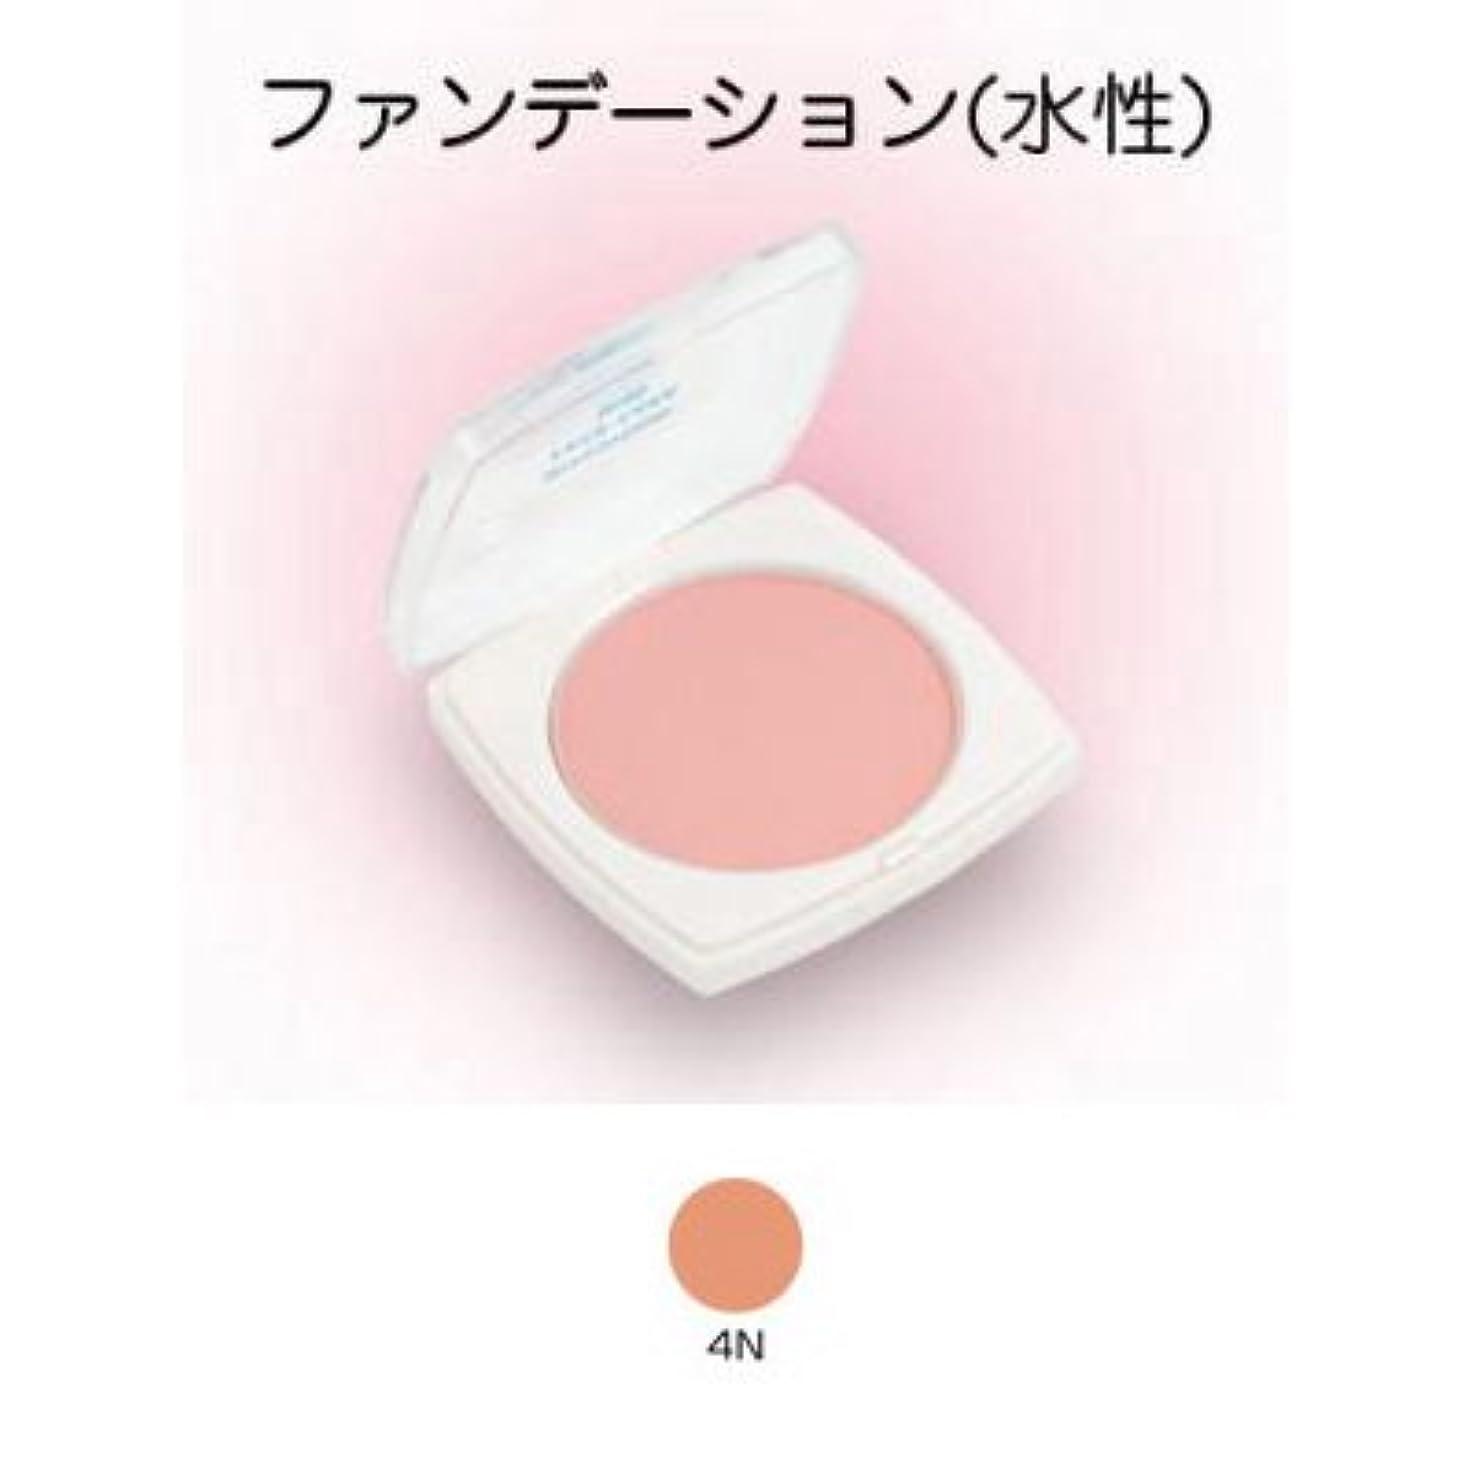 するだろうりんご時系列フェースケーキ ミニ 17g 4N 【三善】